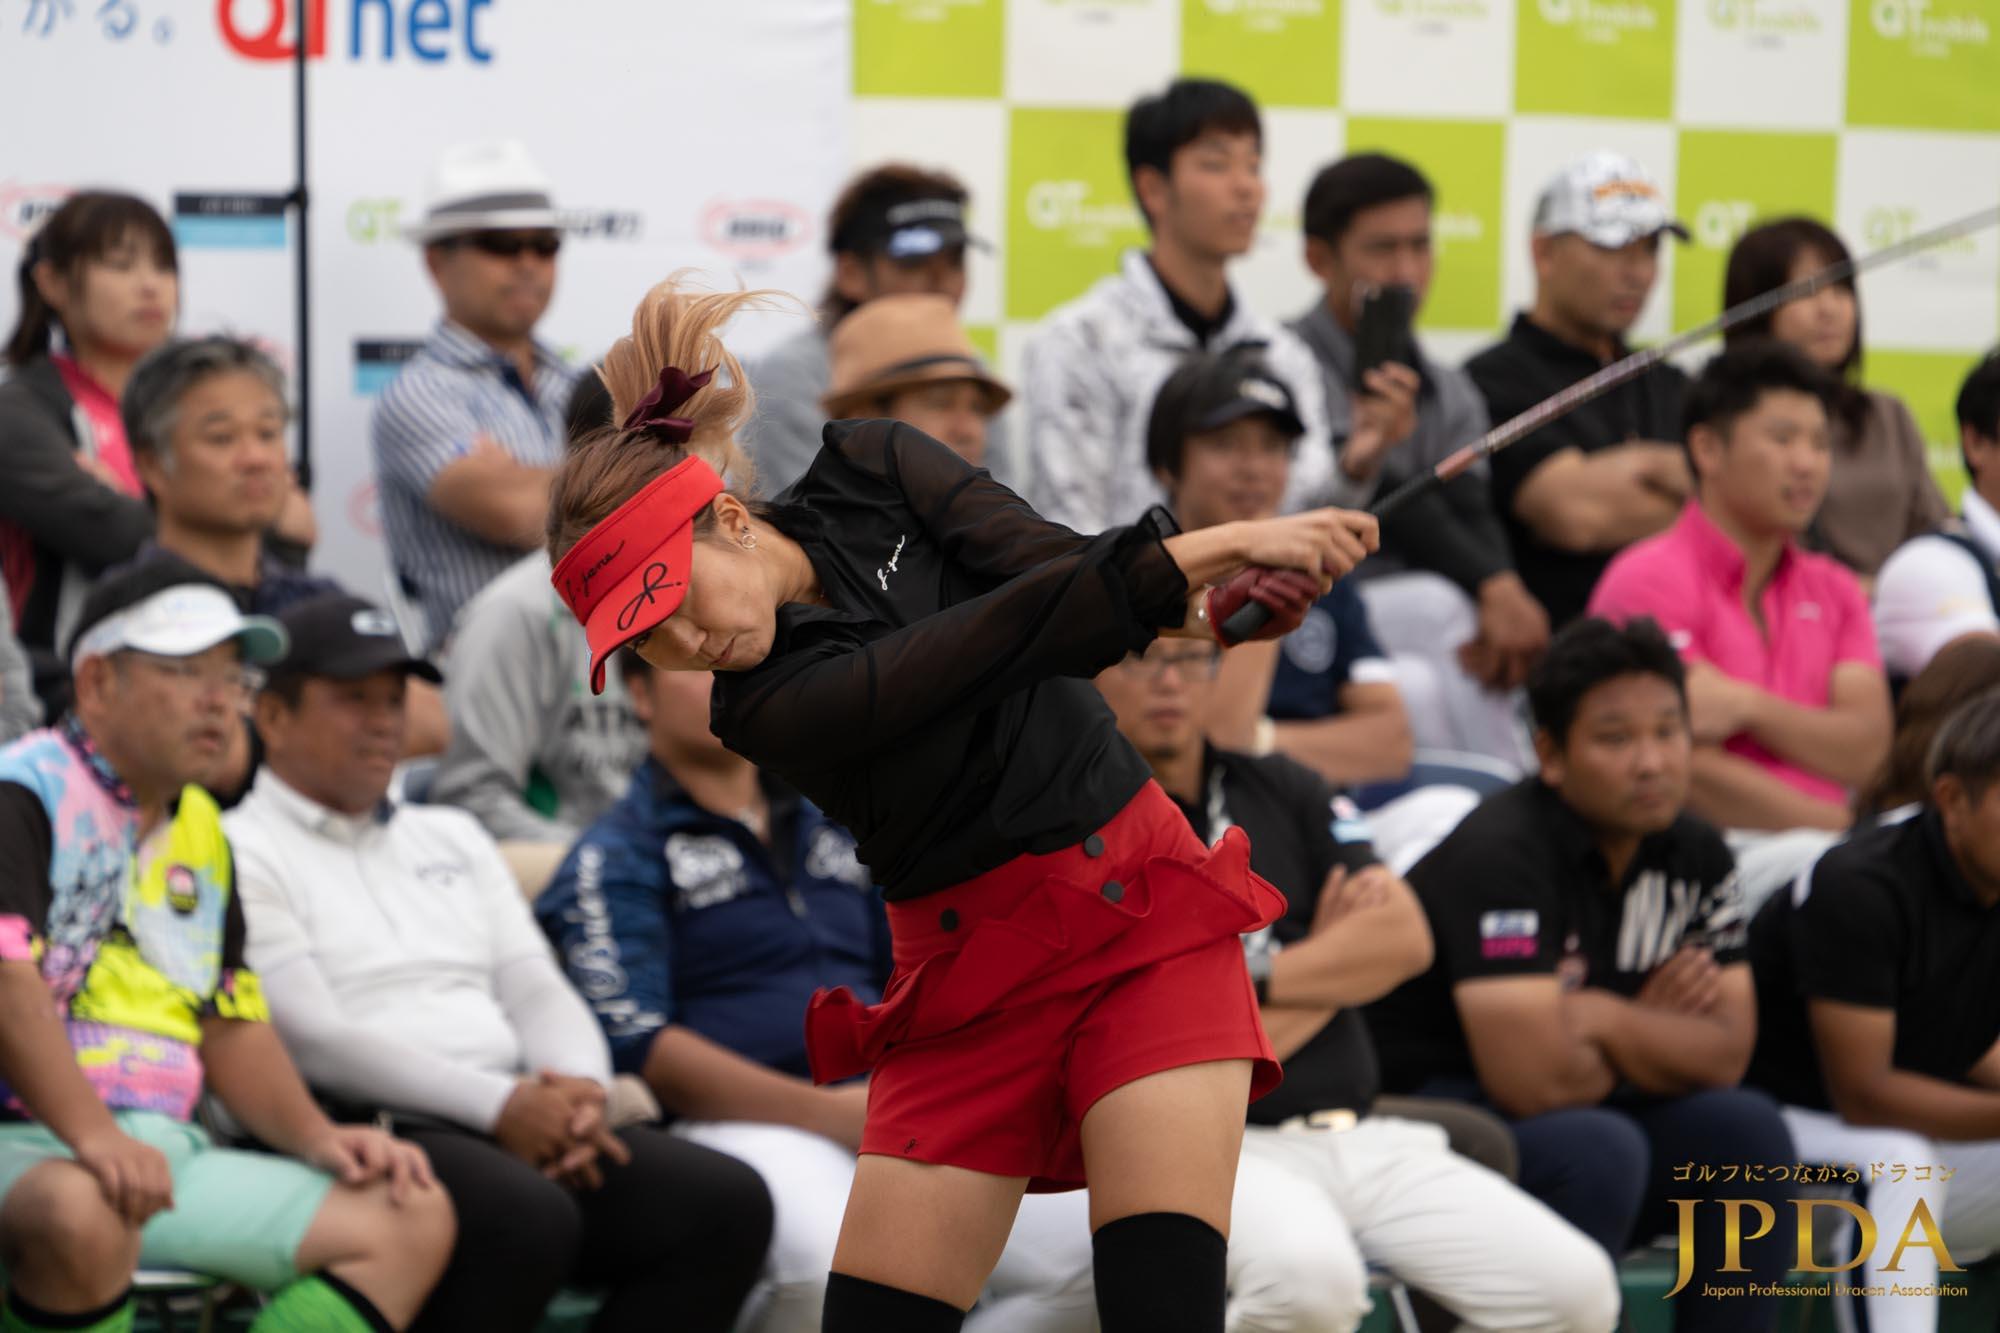 押尾紗樹2019日本大会